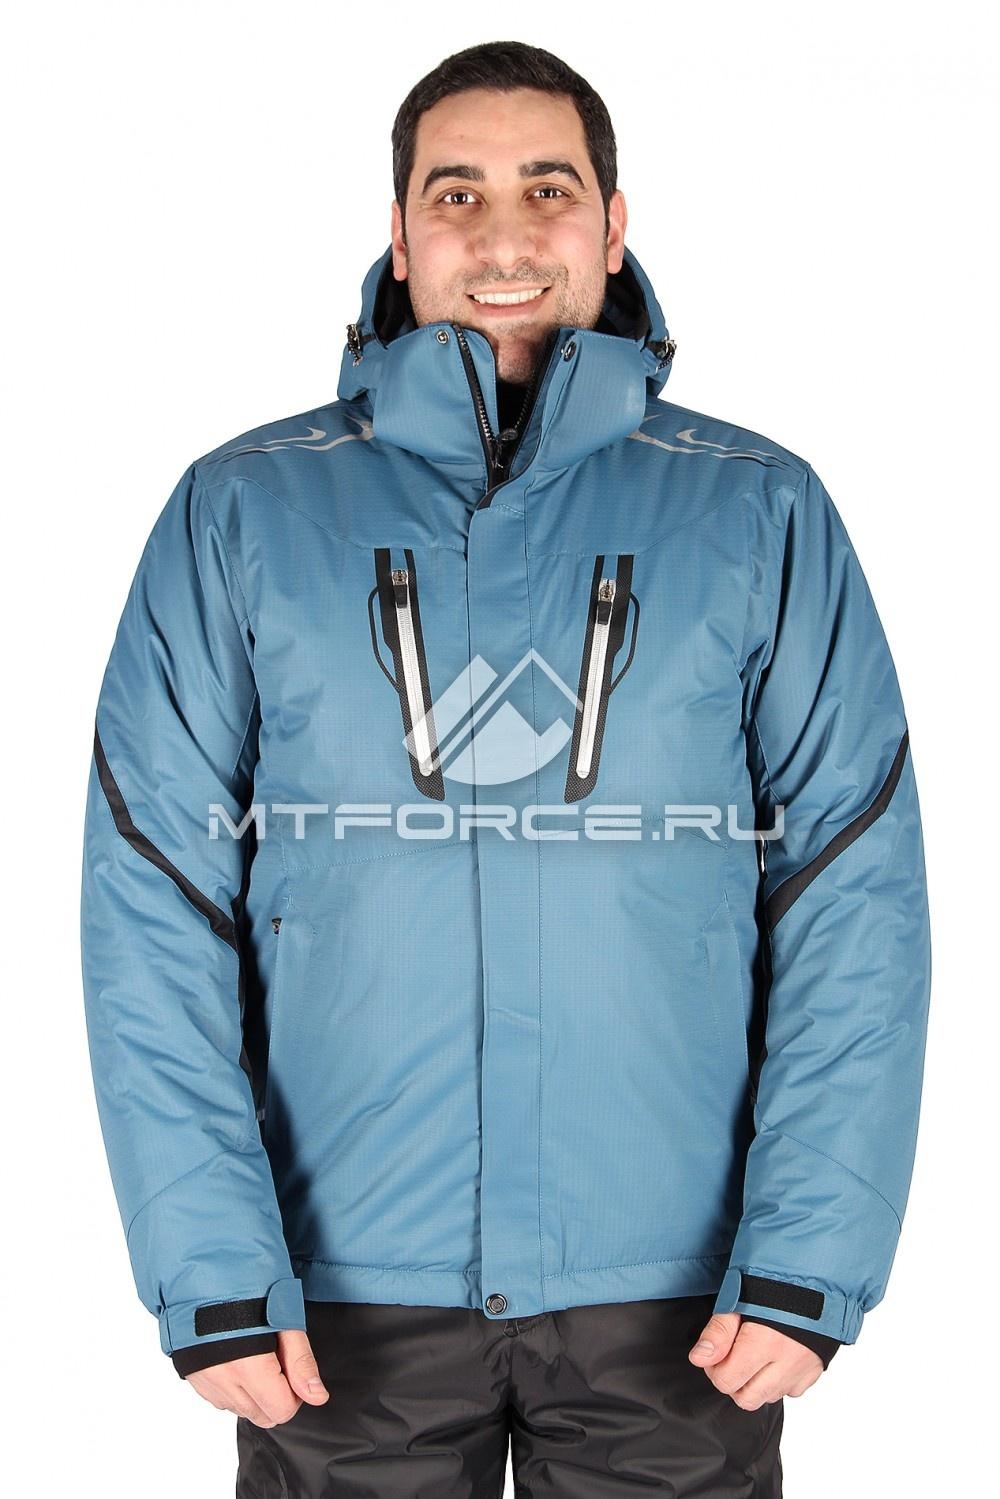 Купить                                  оптом Куртка горнолыжная мужская голубого цвета 1556Gl